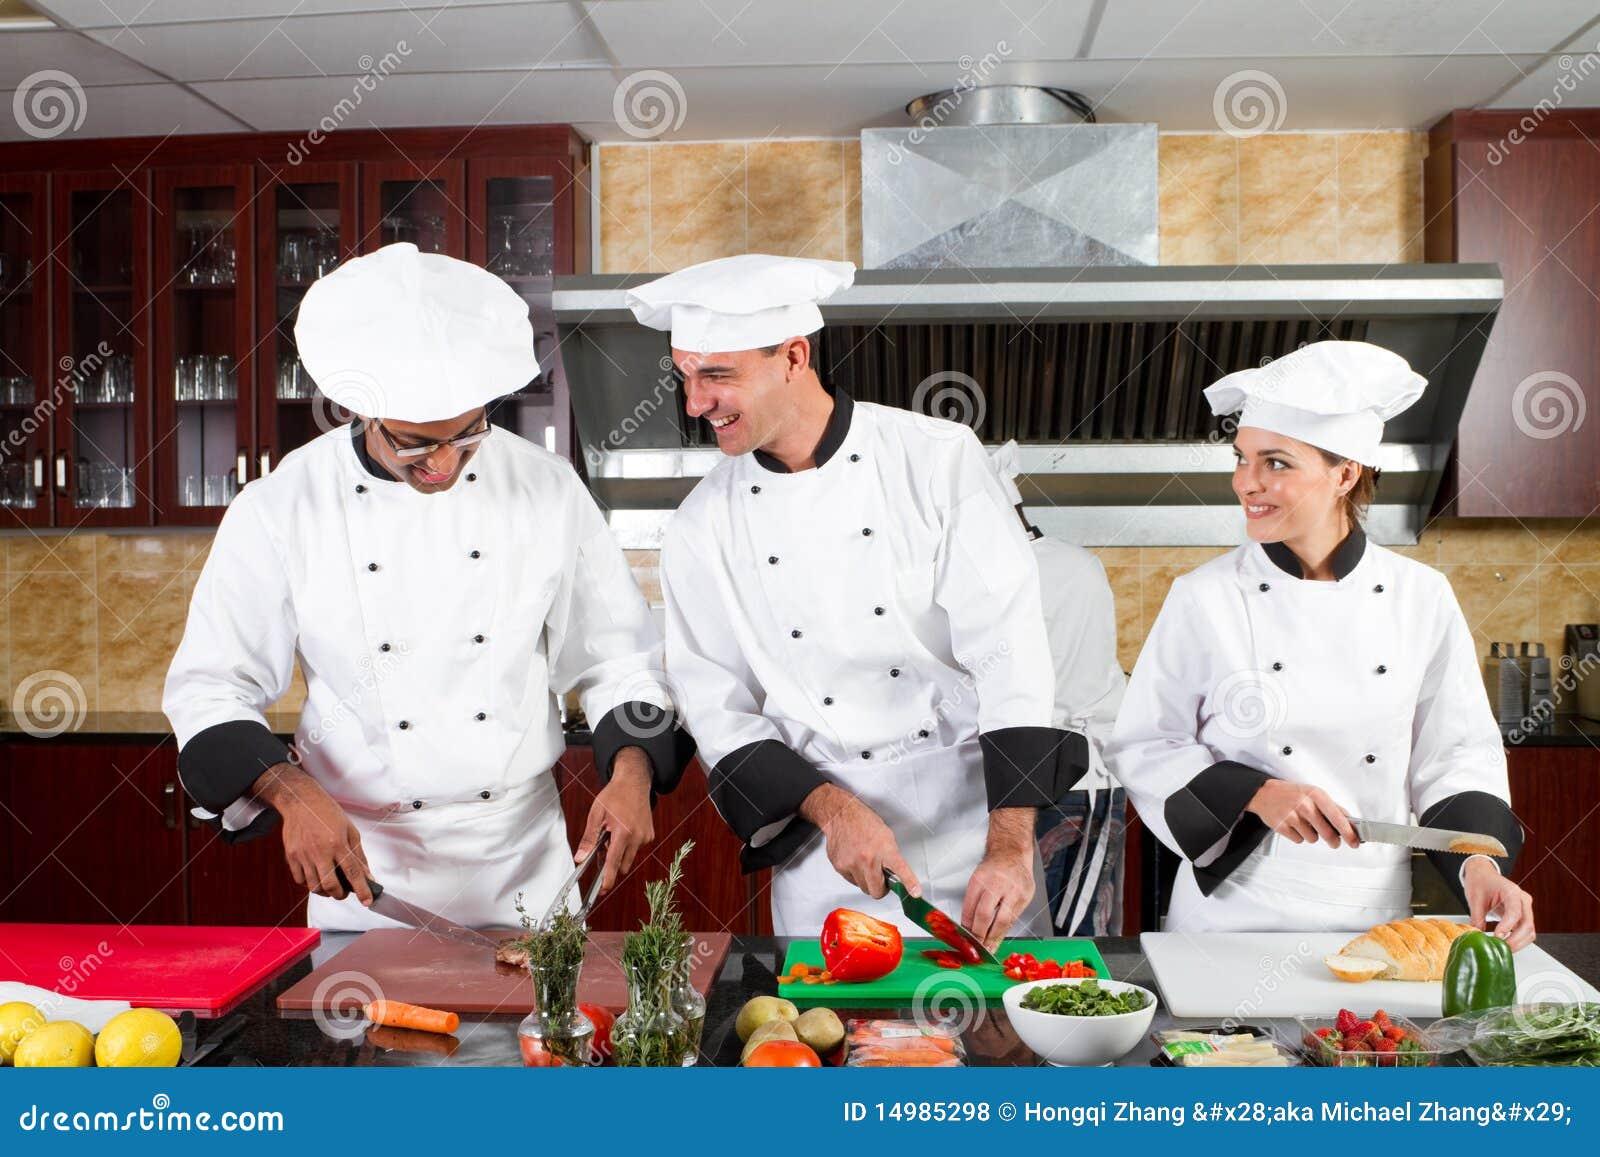 Het koken van chef koks royalty vrije stock foto 39 s afbeelding 14985298 - Professionele keukenhoed ...